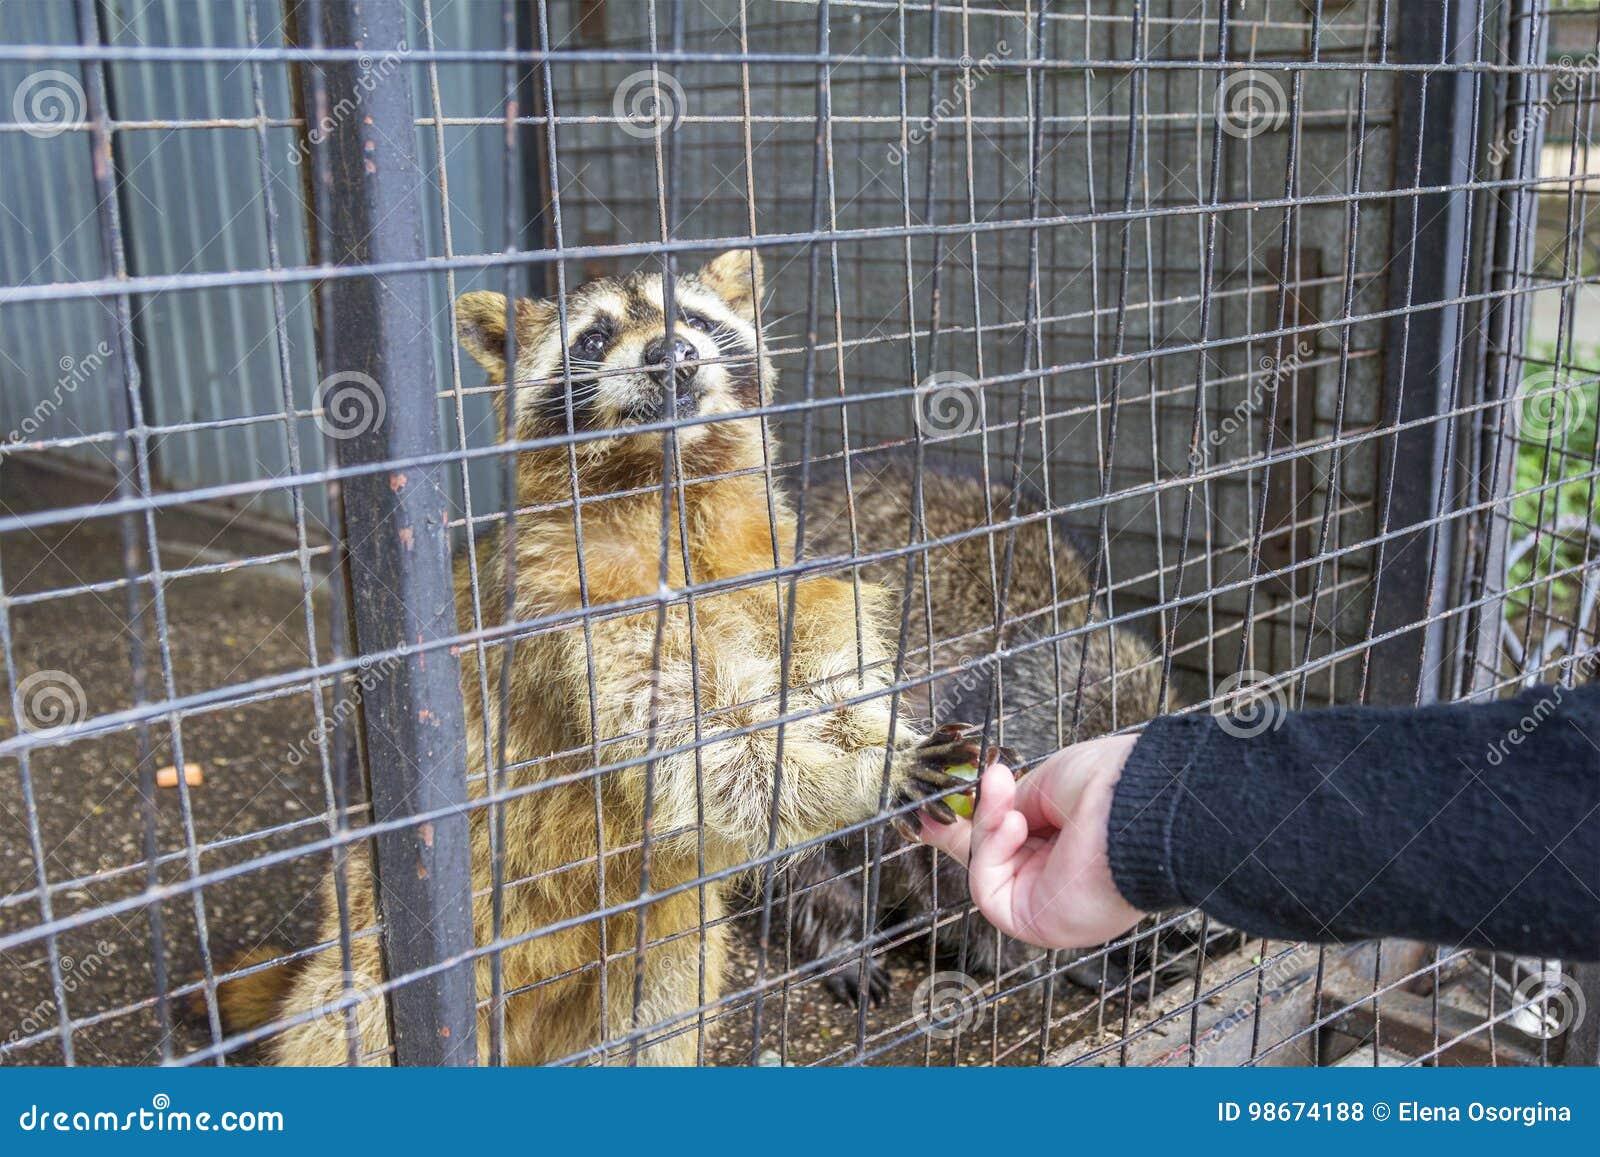 Raccoon at the Limpopo Zoo. Nizhny Novgorod, Russia.